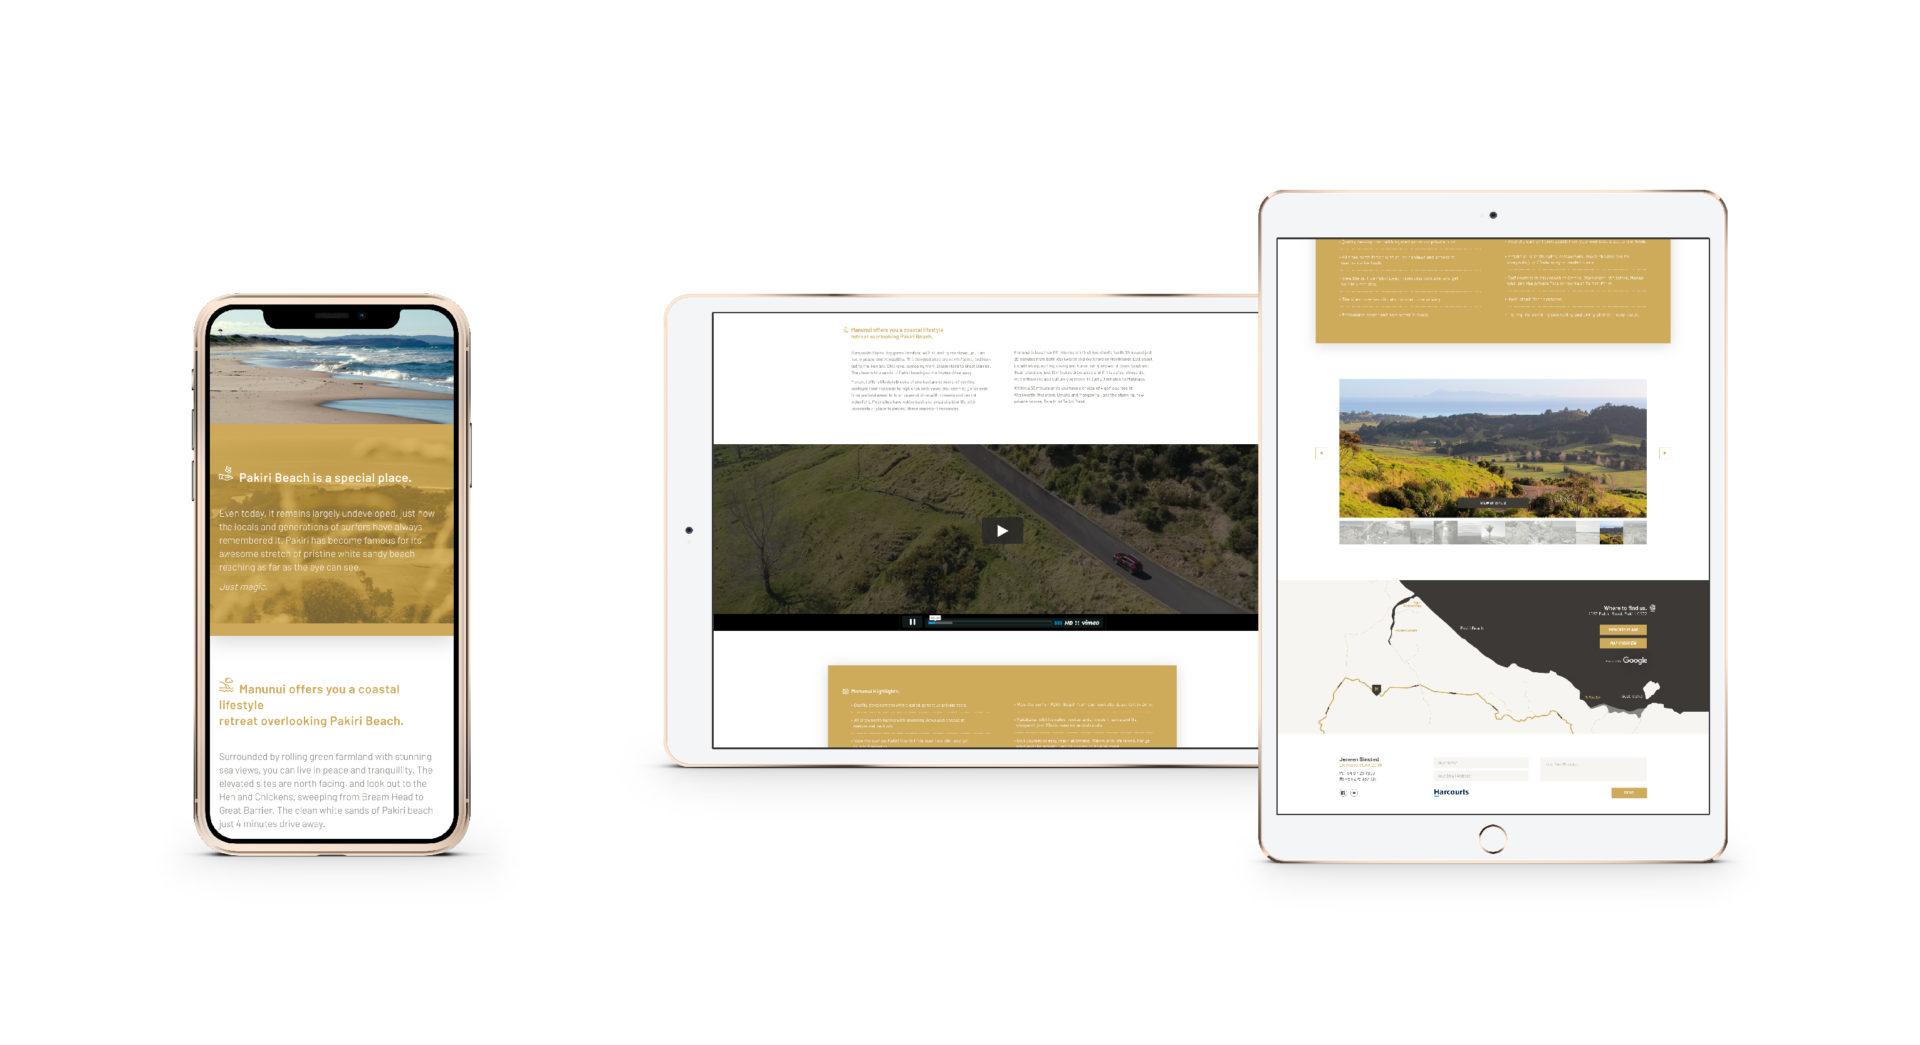 manunui app tablet mobile